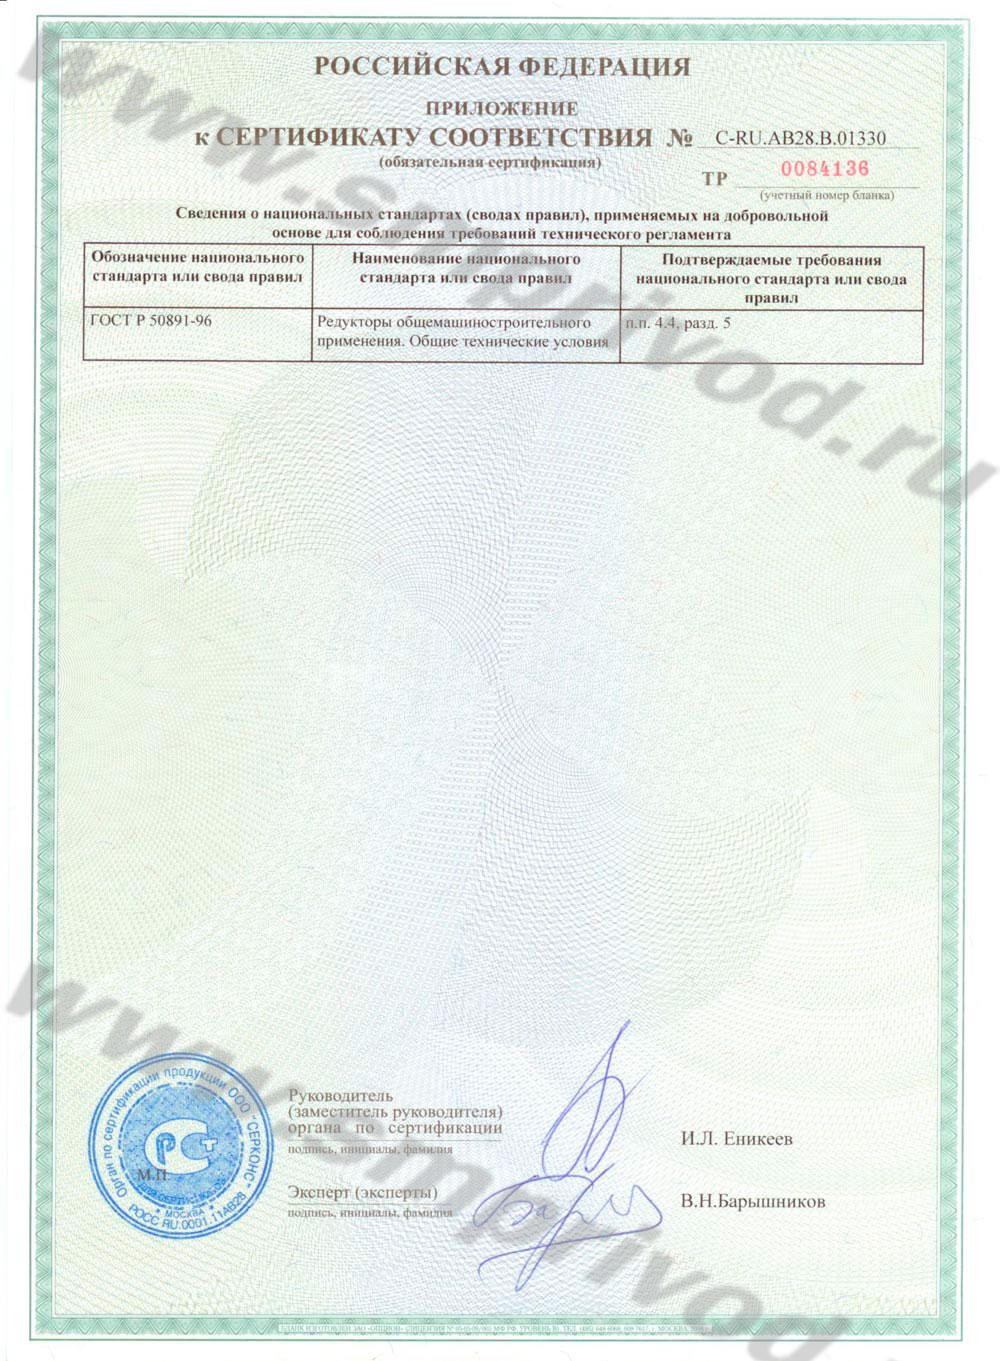 Сертификат соответствия редуктор 2 СпецМехПривод